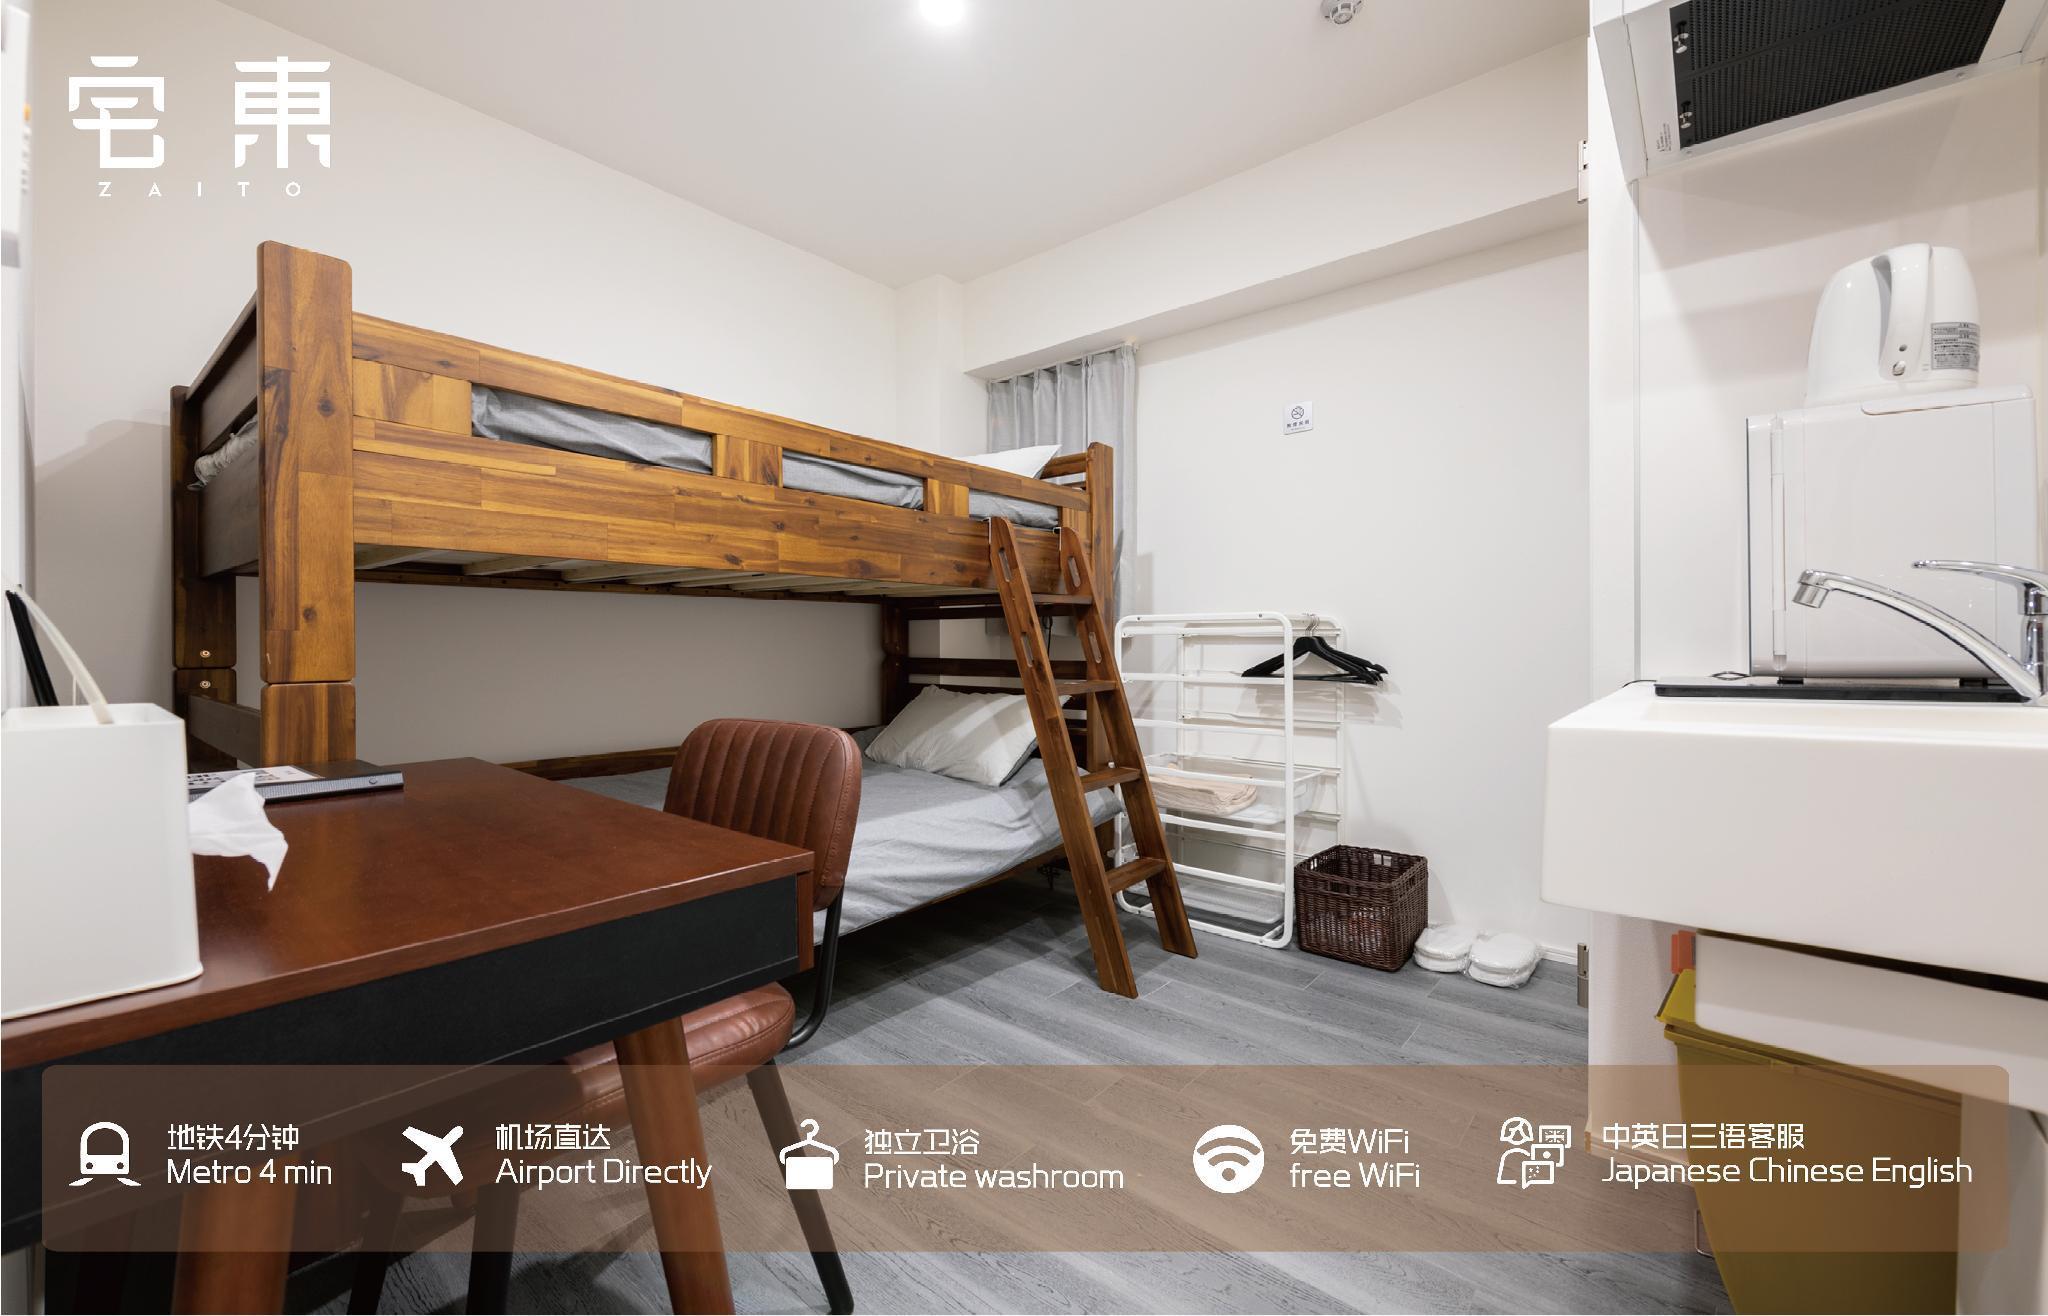 Zaito Bunk Bed Room Near Skytree 402